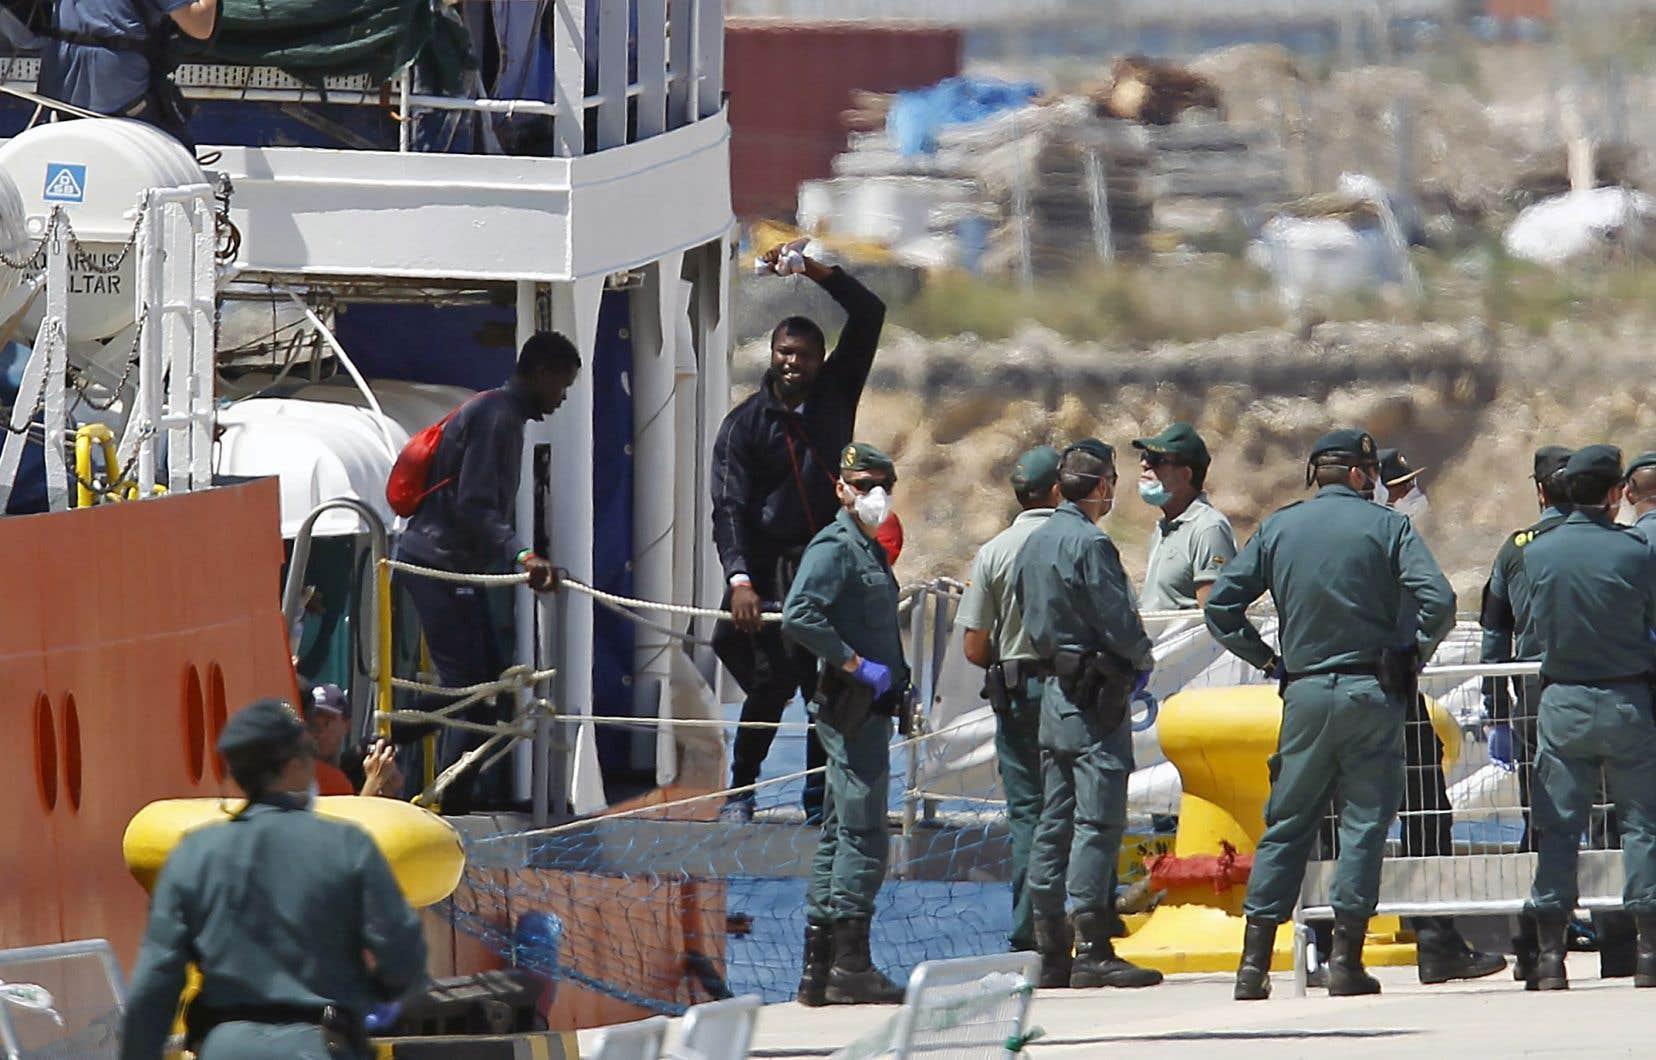 Après une semaine en mer, les personnes secourues par l'ONG SOS Méditerranée ont débarqué au port de Valence.